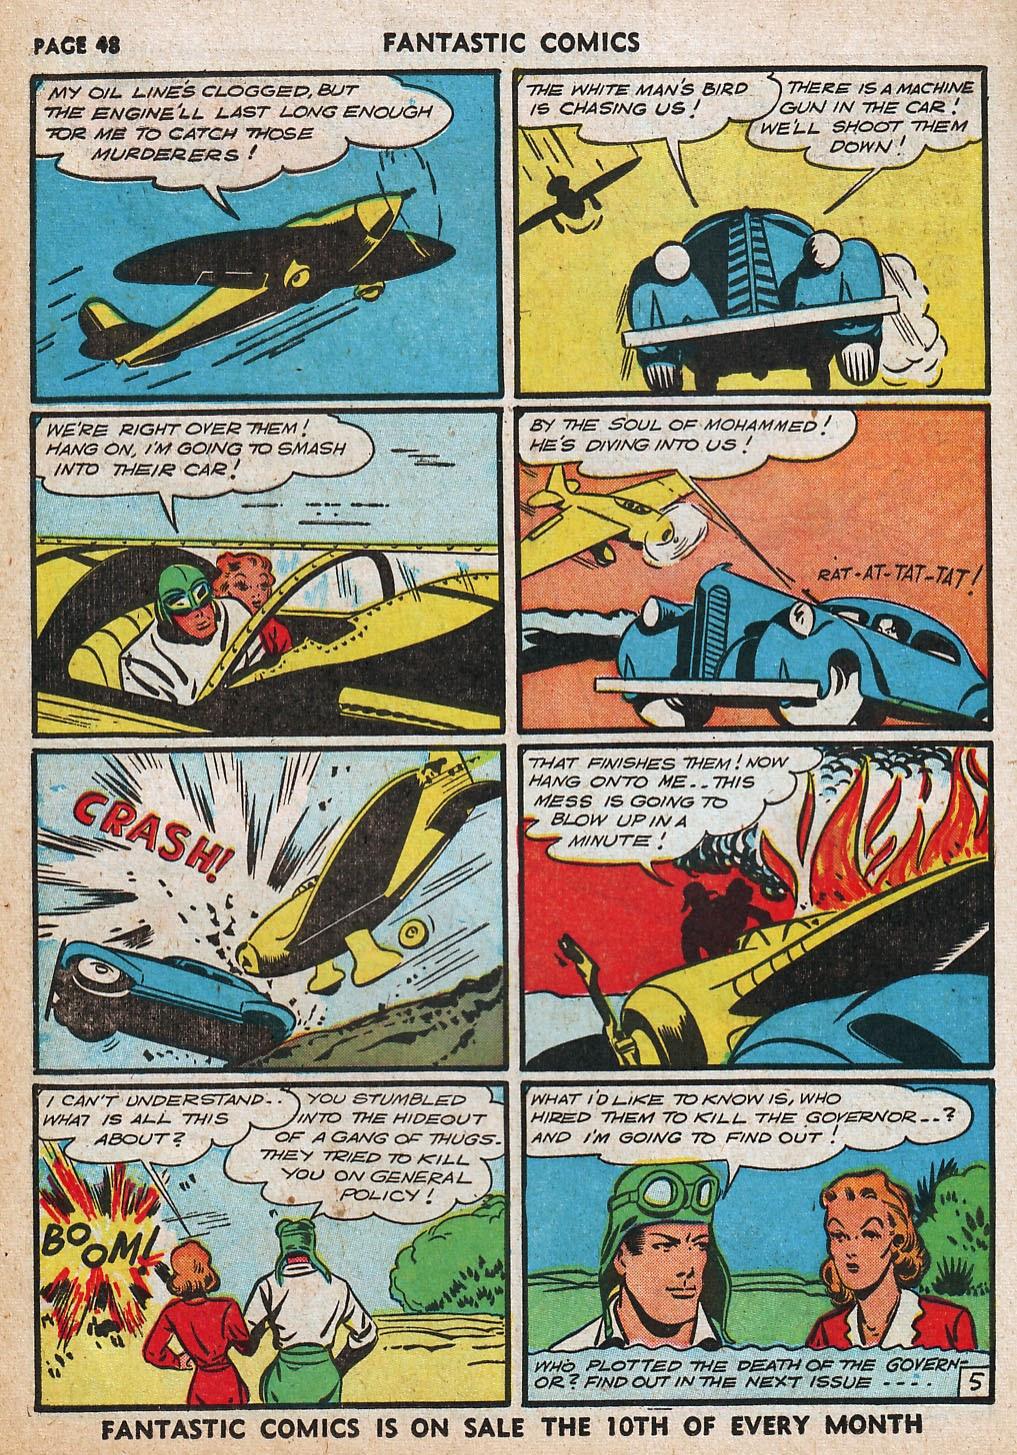 Read online Fantastic Comics comic -  Issue #20 - 48